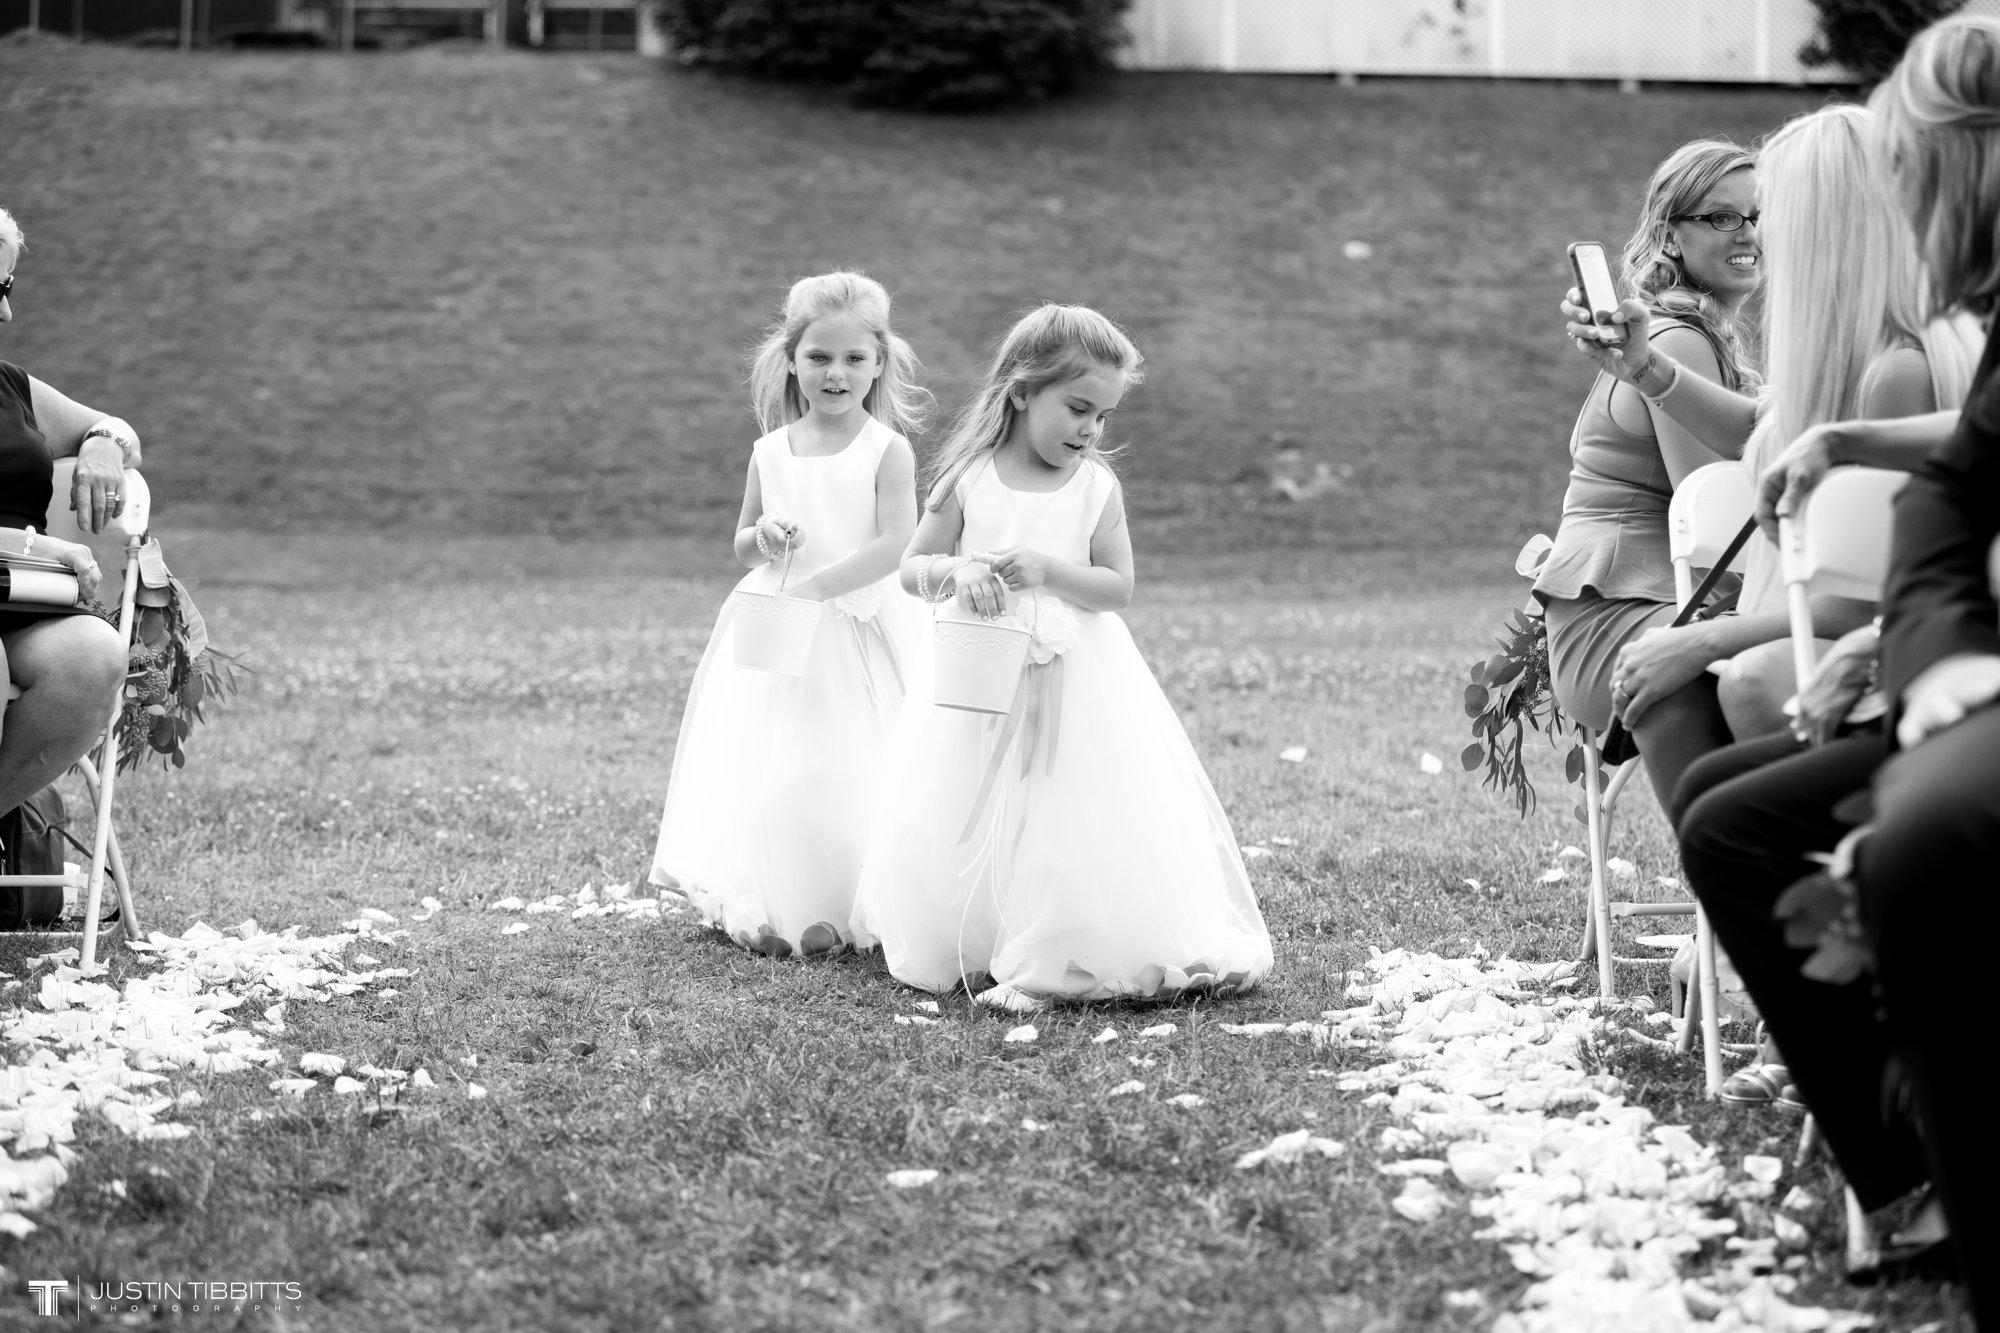 Albany NY Wedding Photographer Justin Tibbitts Photography 2014 Best of Albany NY Weddings-42132433734